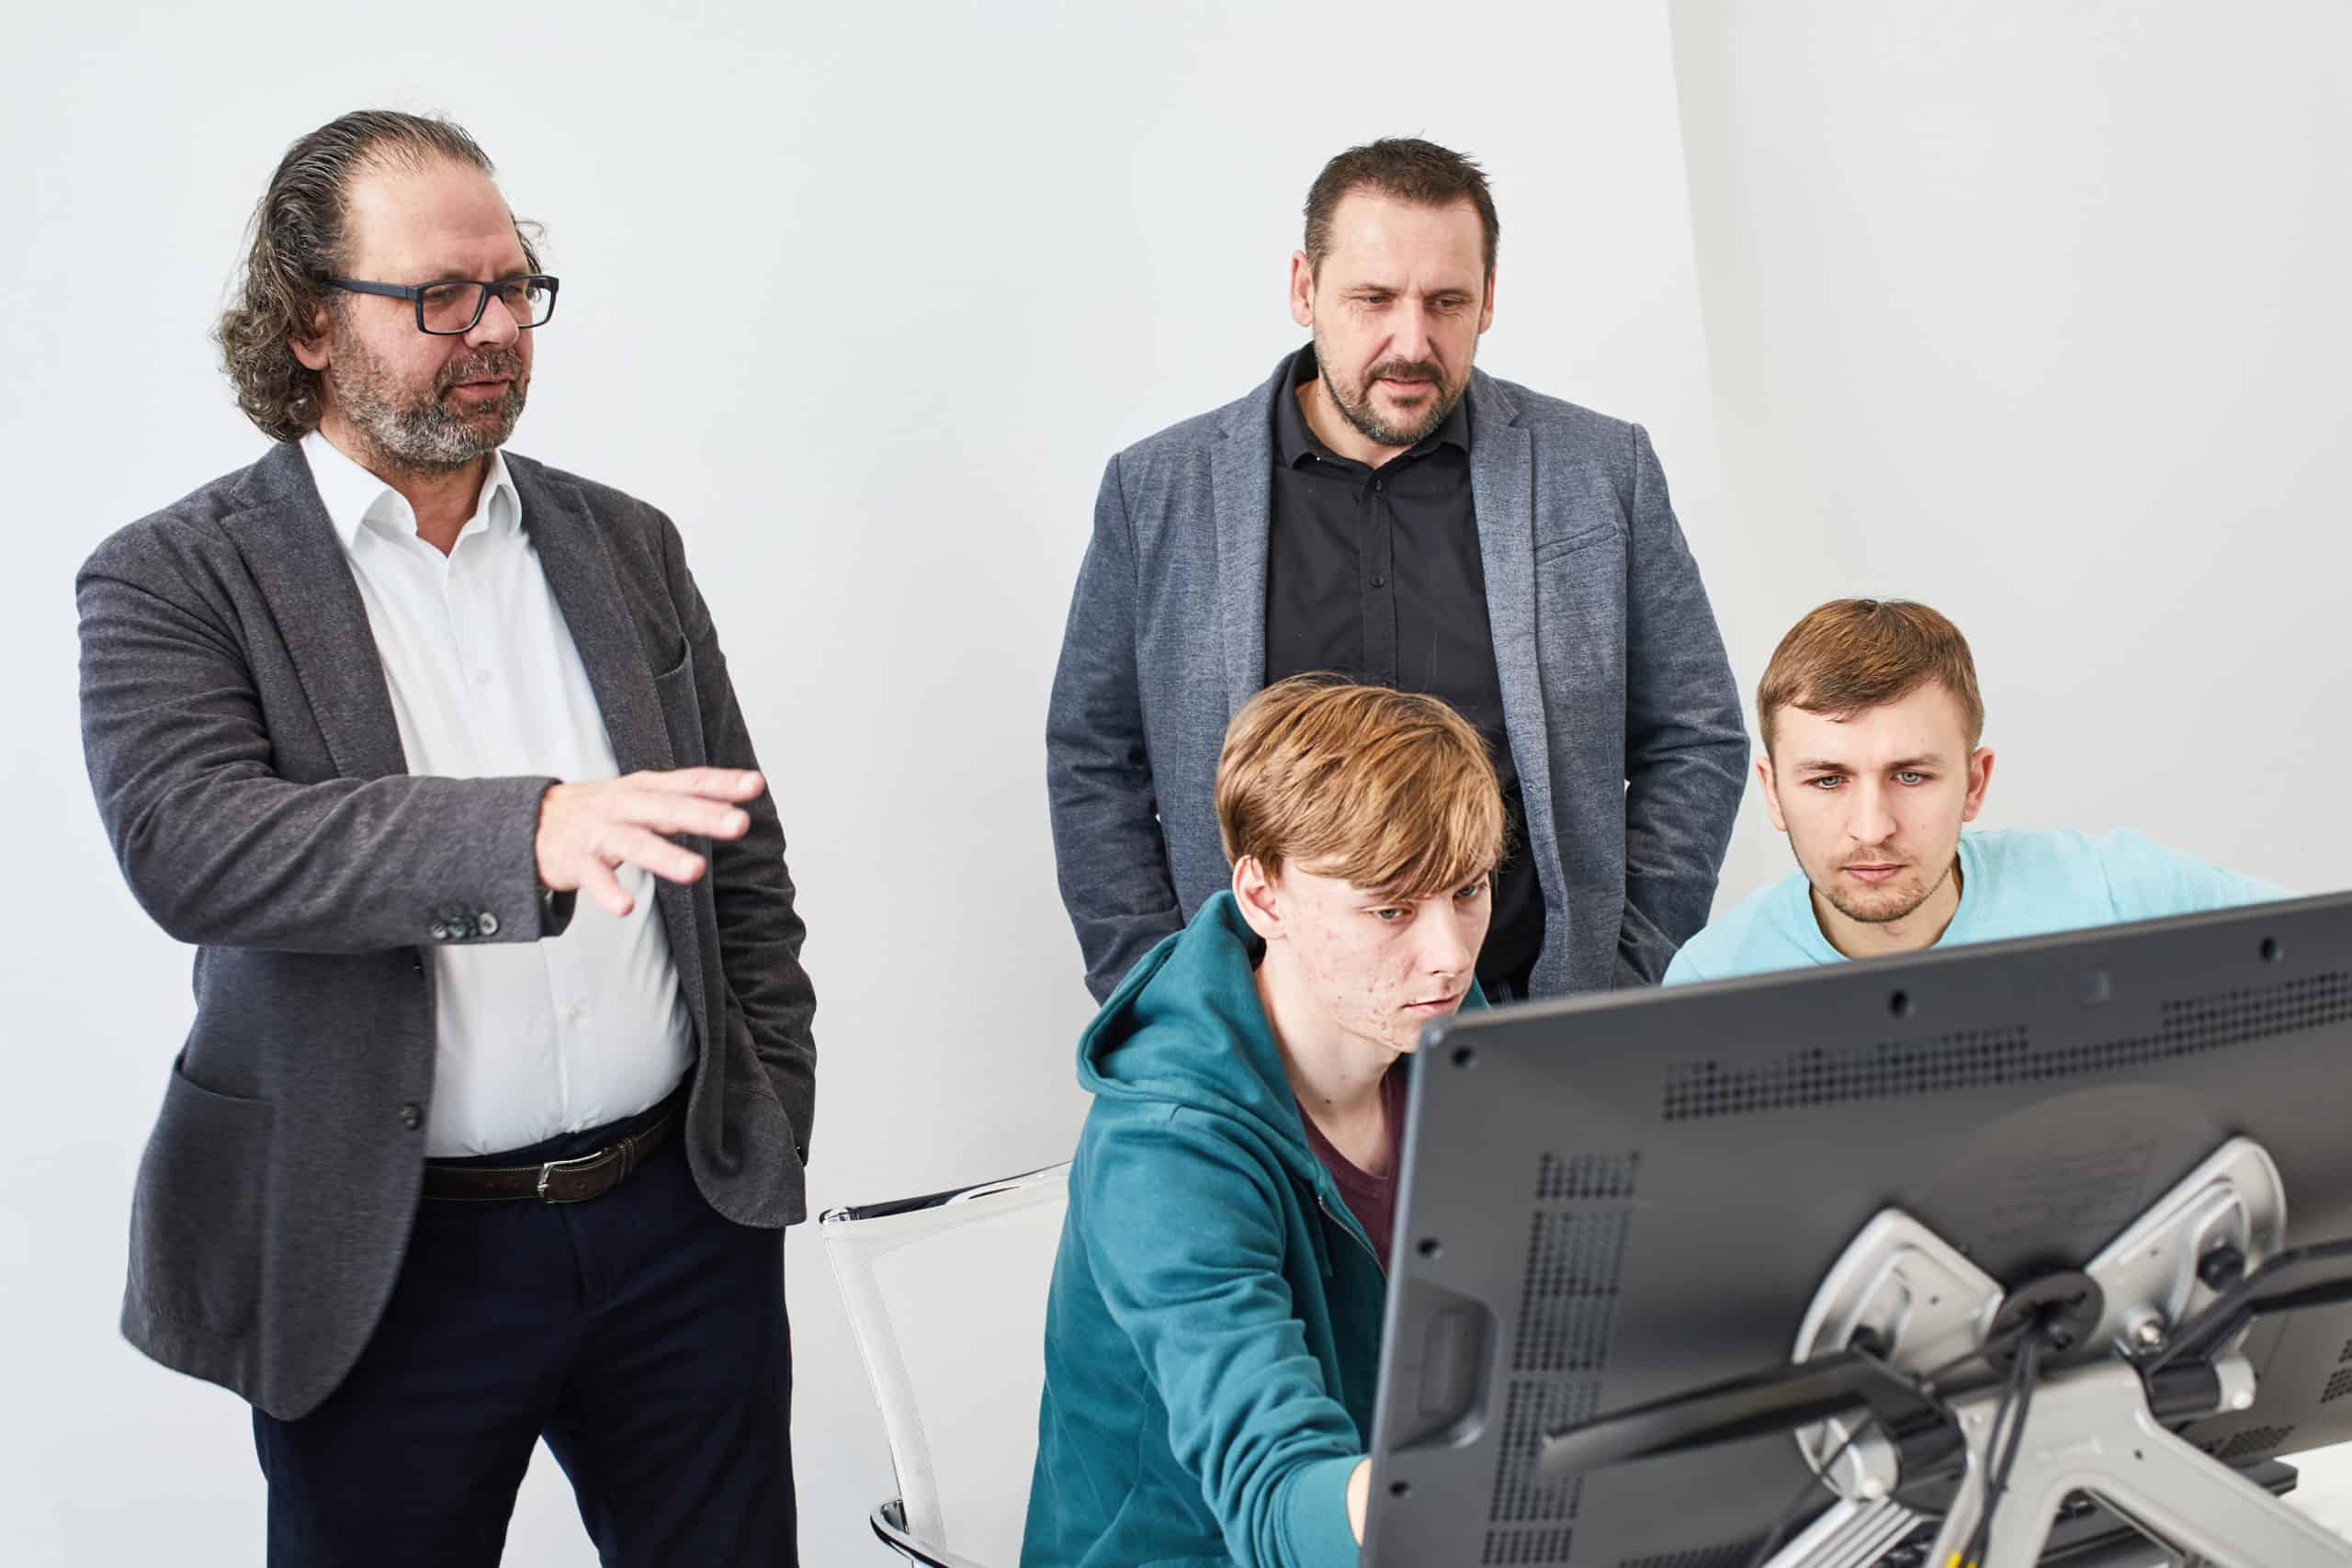 Bei einem Workshop in der Designabteilung von ŠKODA in Mladá Boleslav trafen die Teilnehmer den Chefdesigner von ŠKODA, Oliver Stefani, und brachten mit ihm und seinem Team ihre ersten Ideen auf Papier.